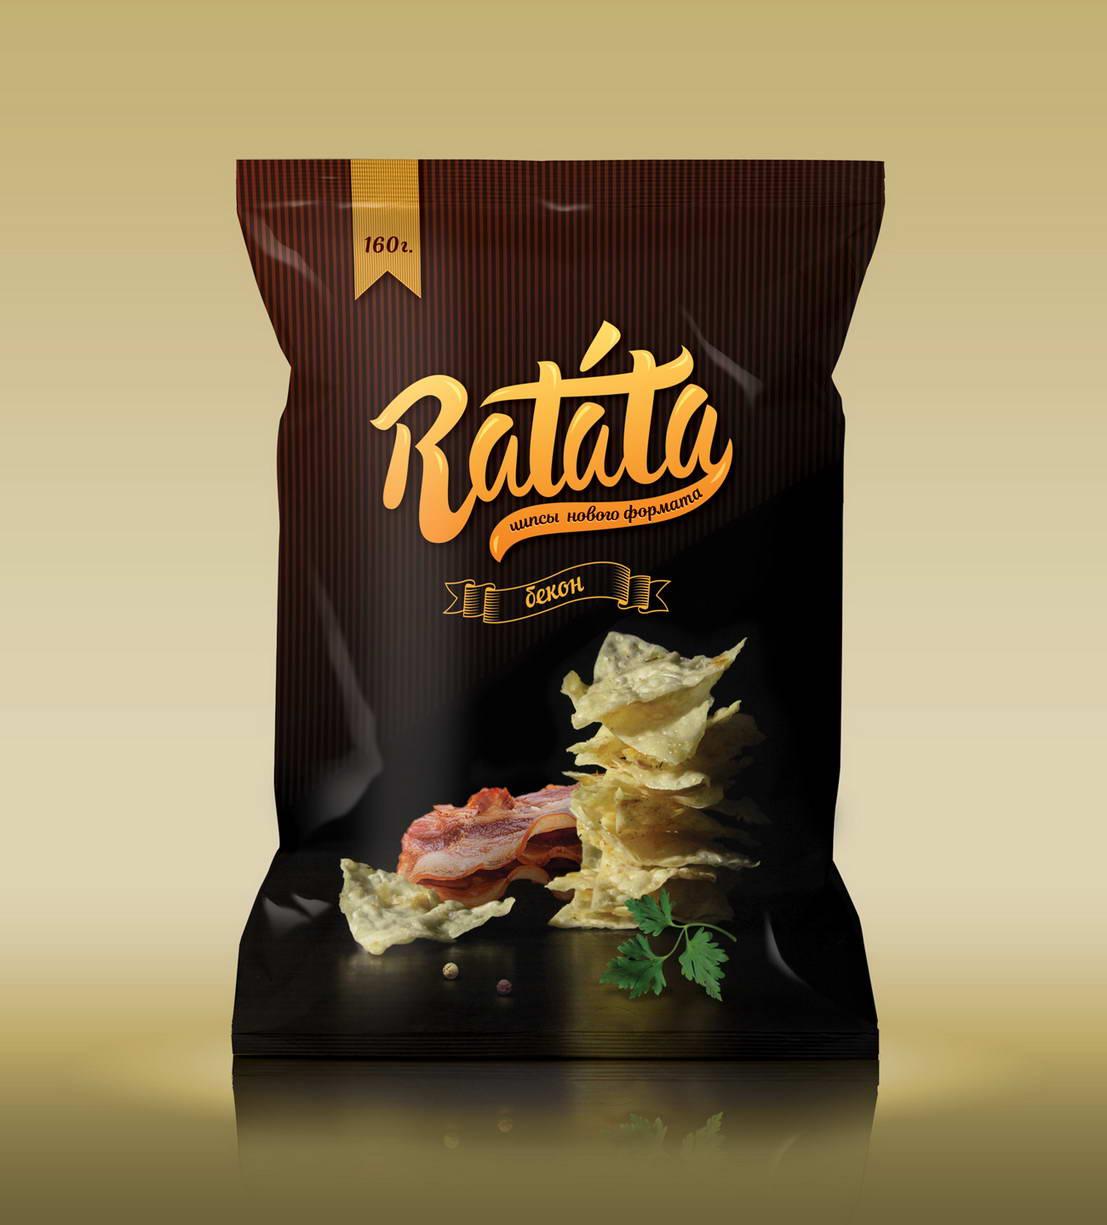 Ratata at ang mga packaging disenyo